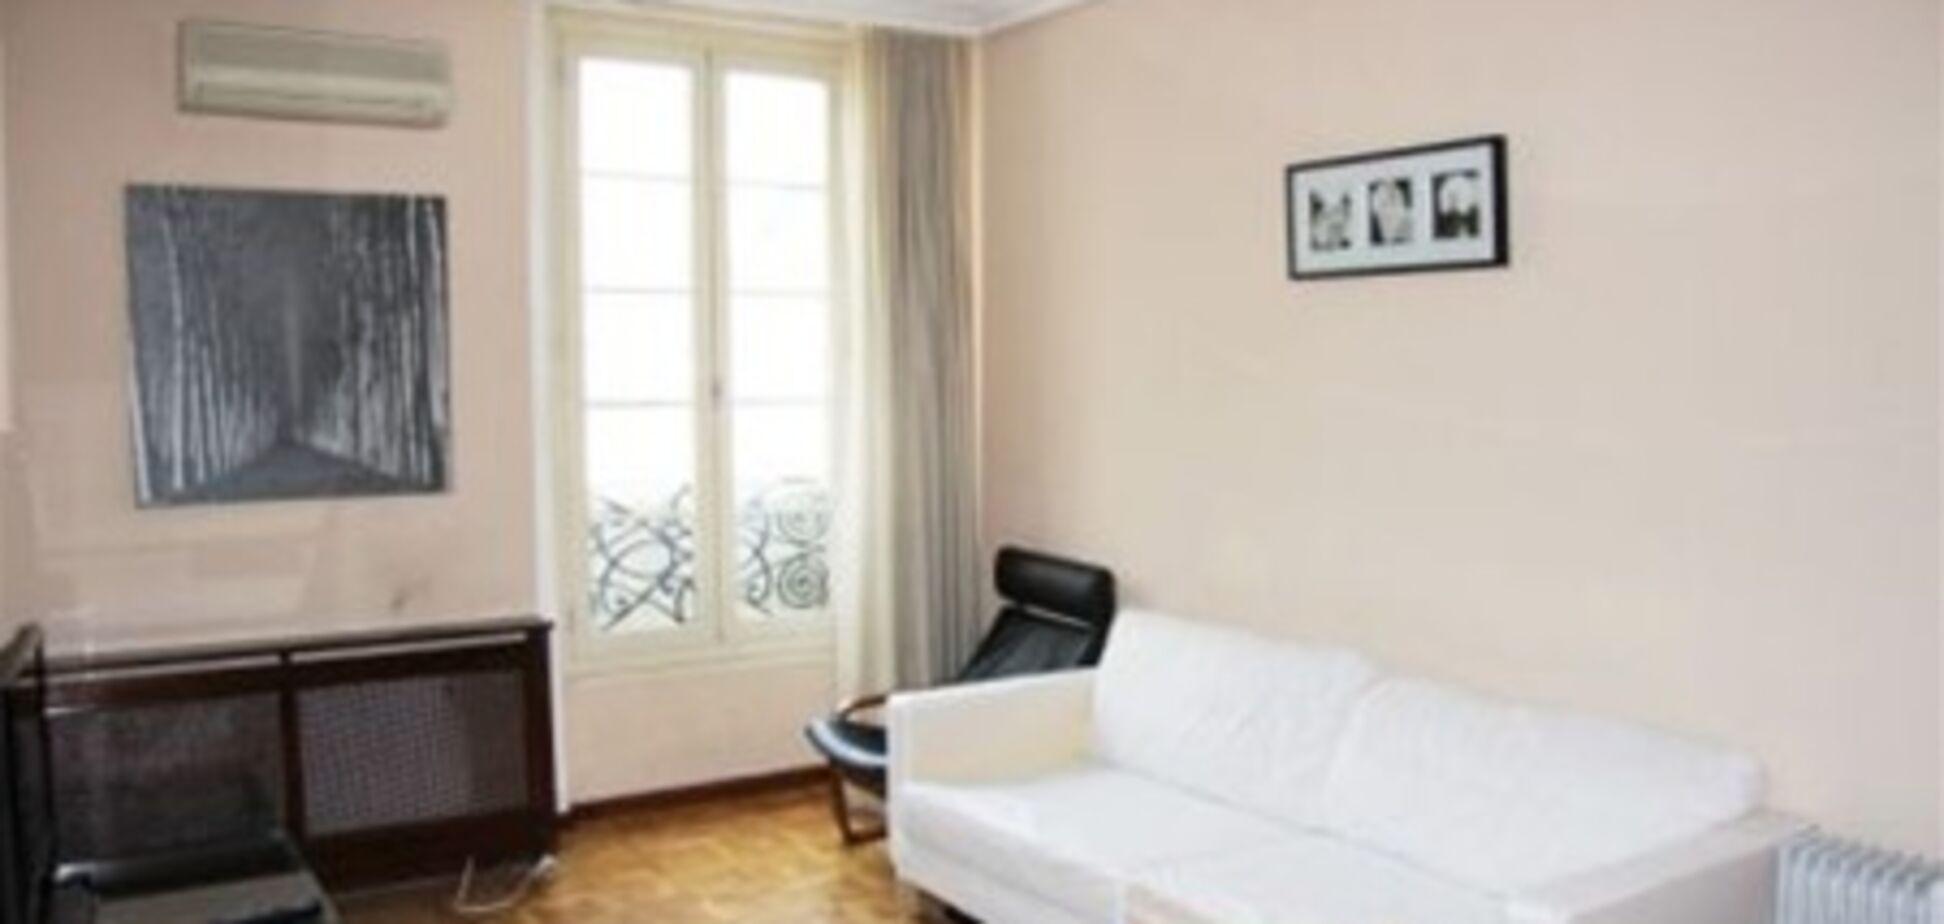 В Испании хотят обложить налогом пустующие квартиры